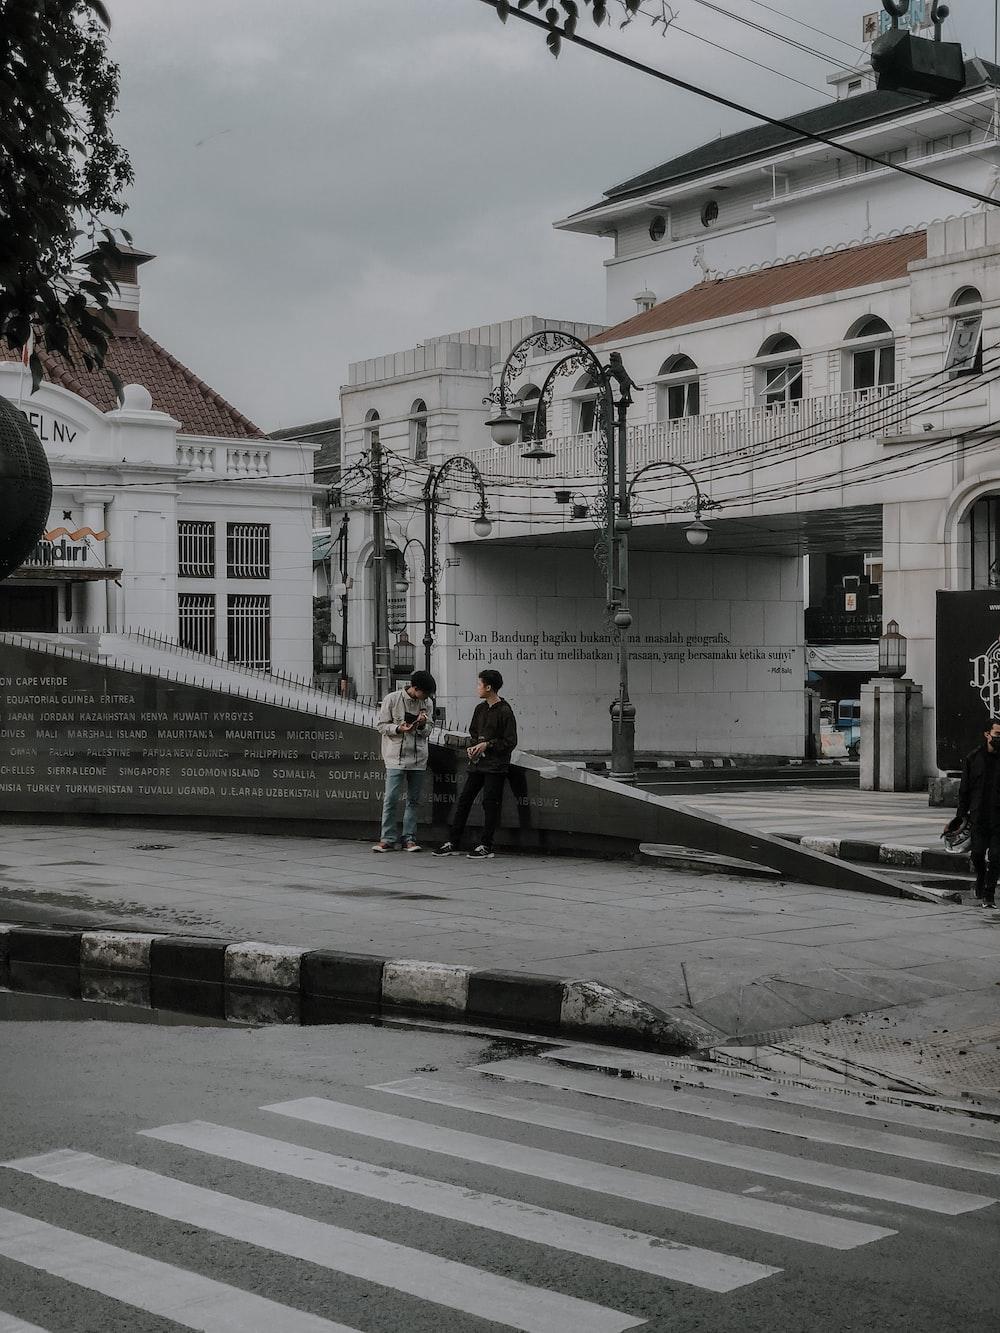 2 women walking on sidewalk during daytime